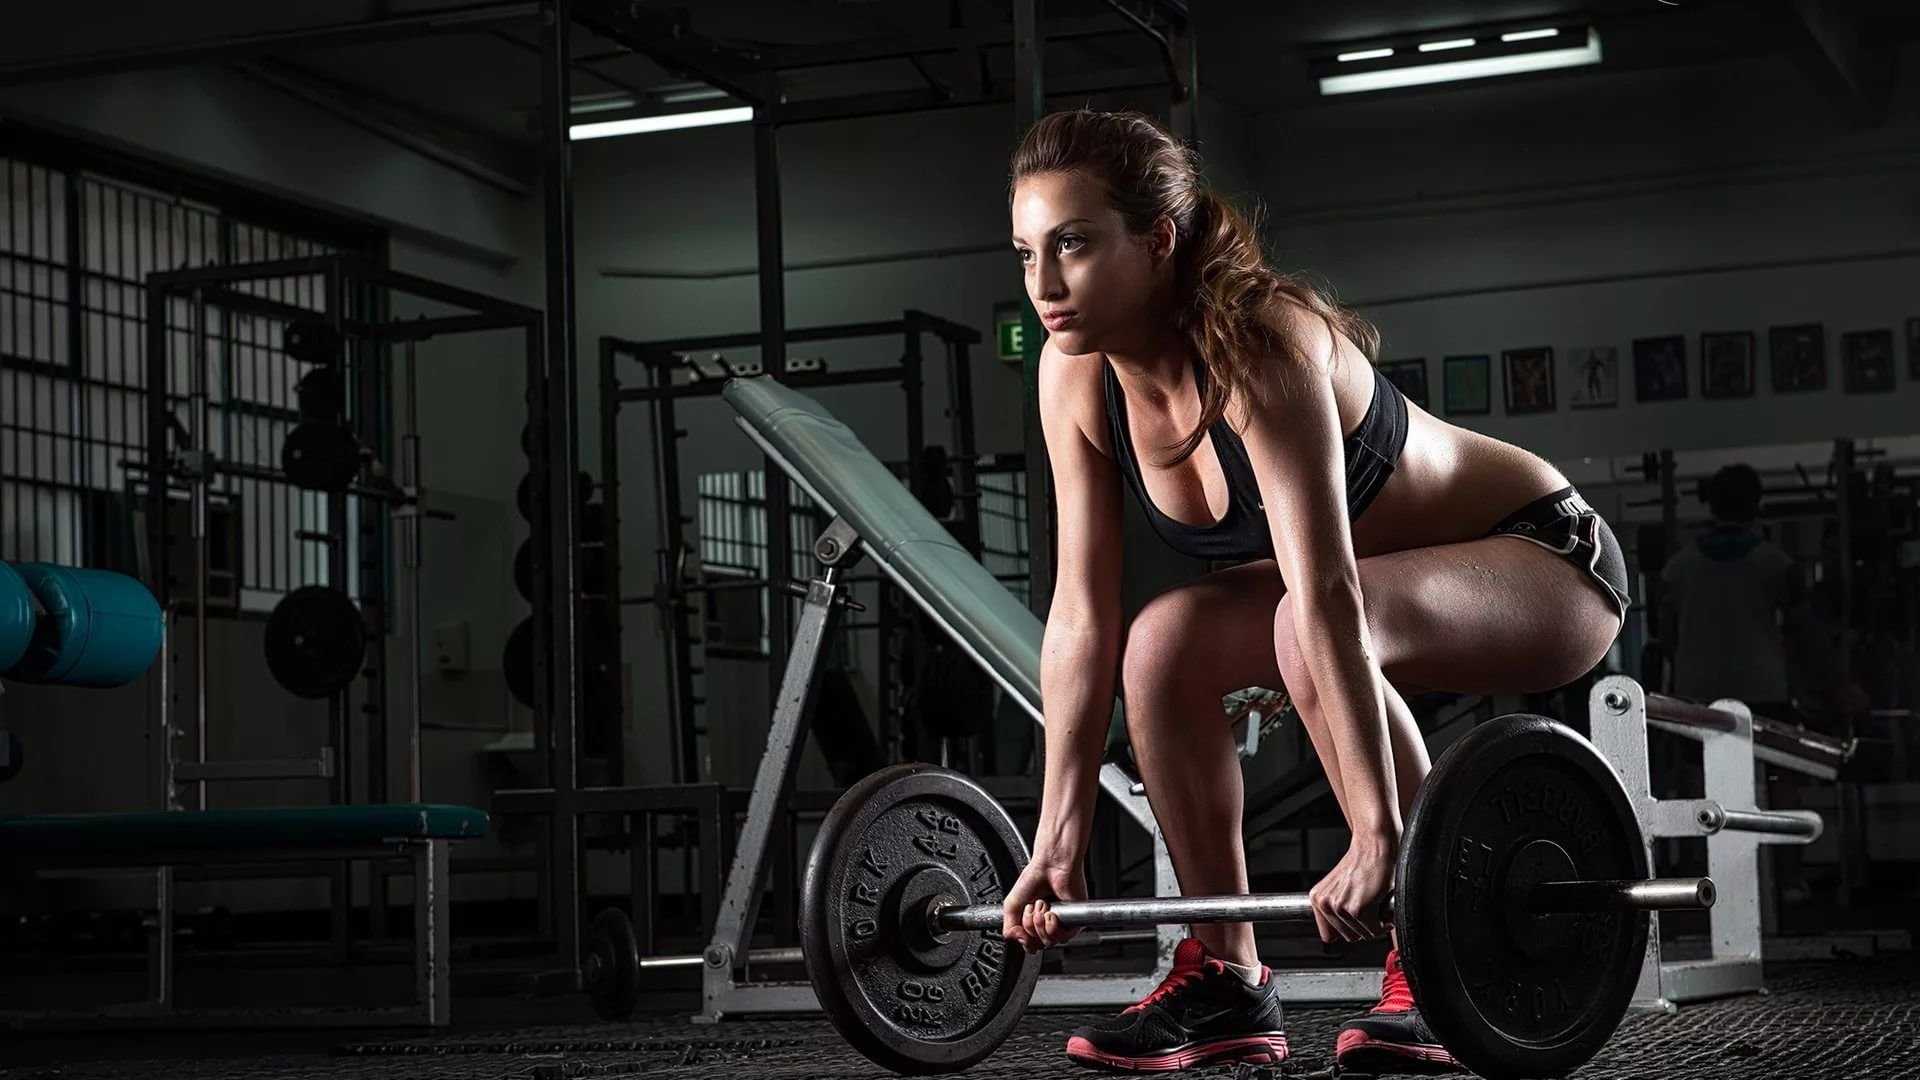 Workout wallpaper photo